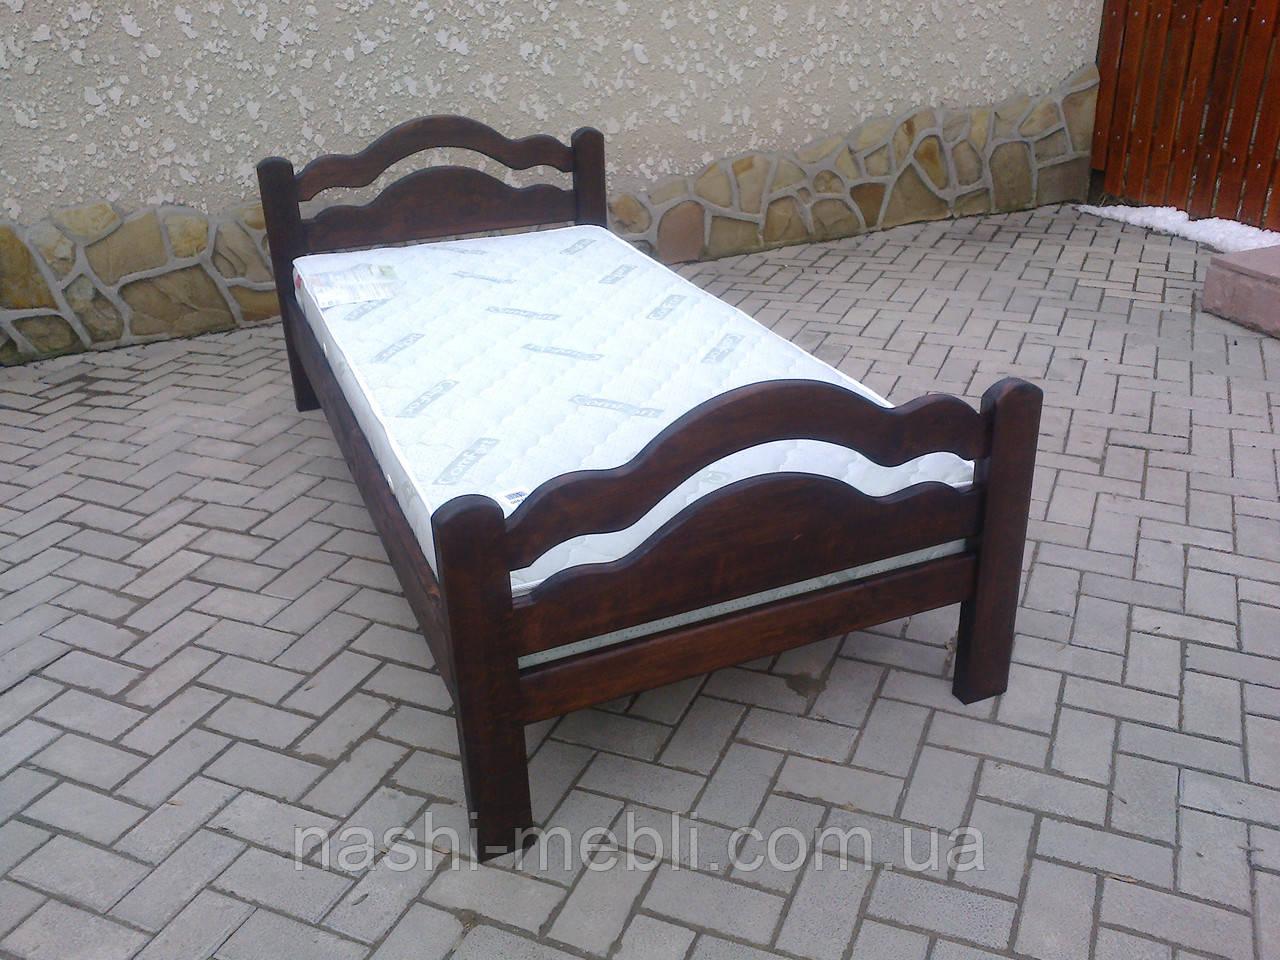 Одоспальне ліжко Ясен Багет 4